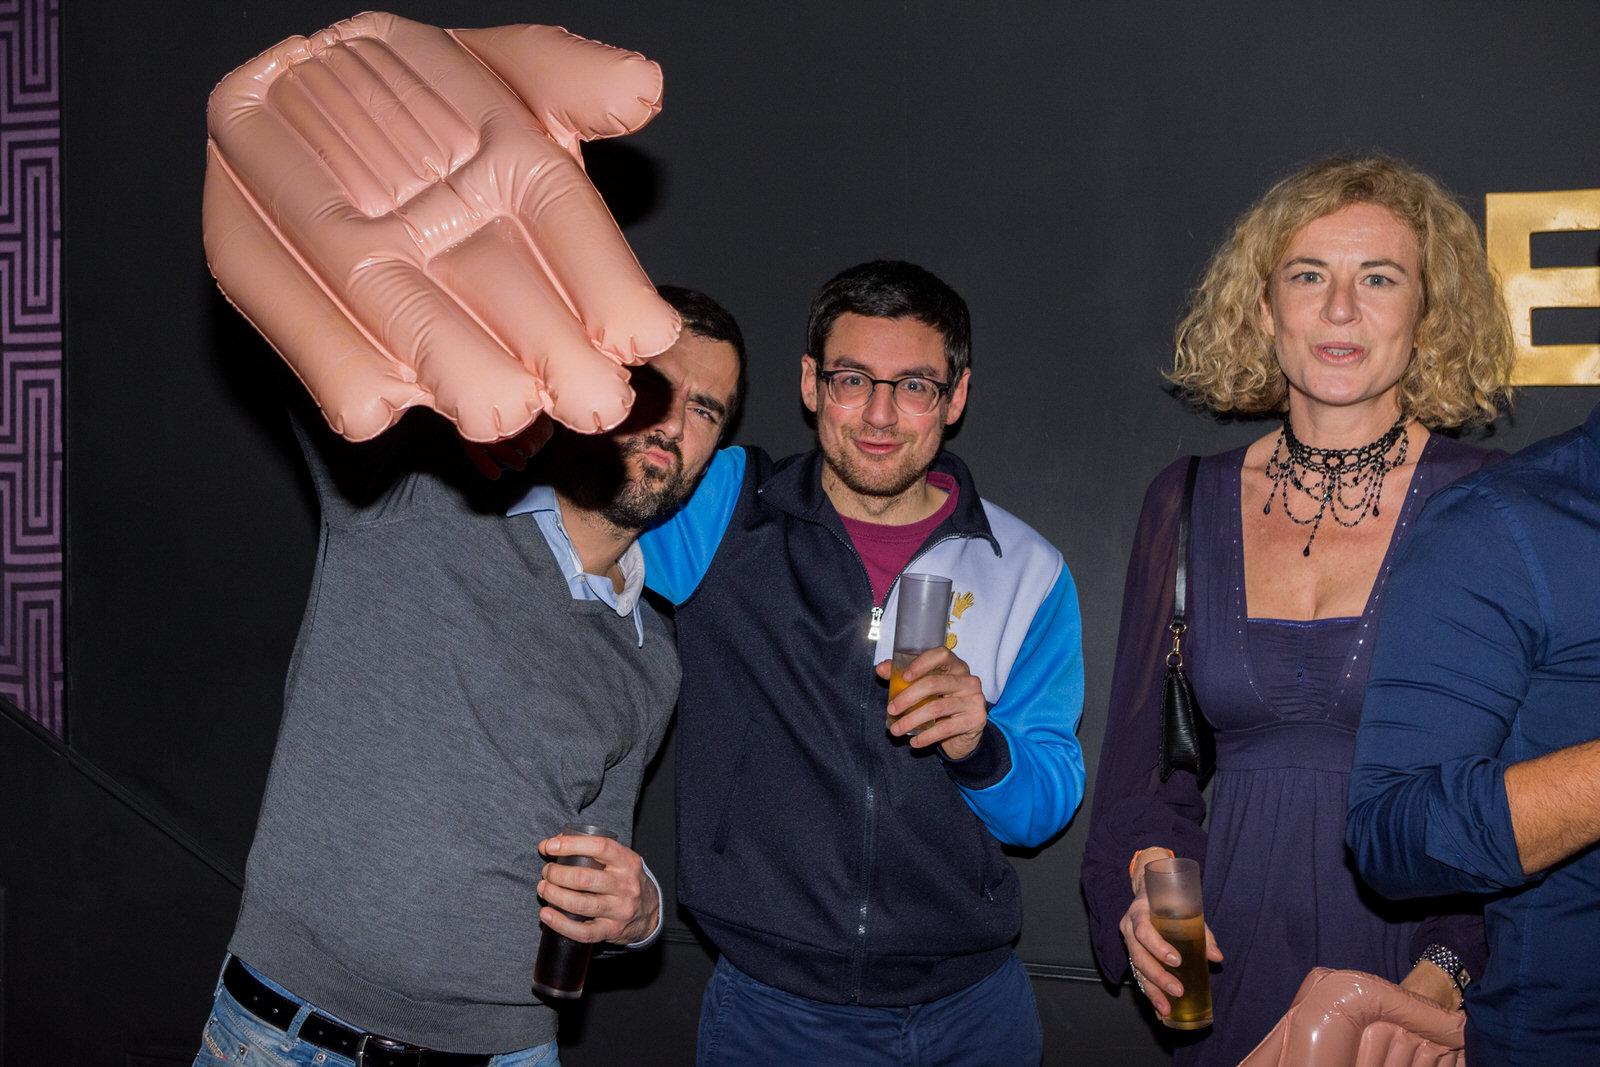 Espace de coworking paris REMIX party winter - 56.jpg